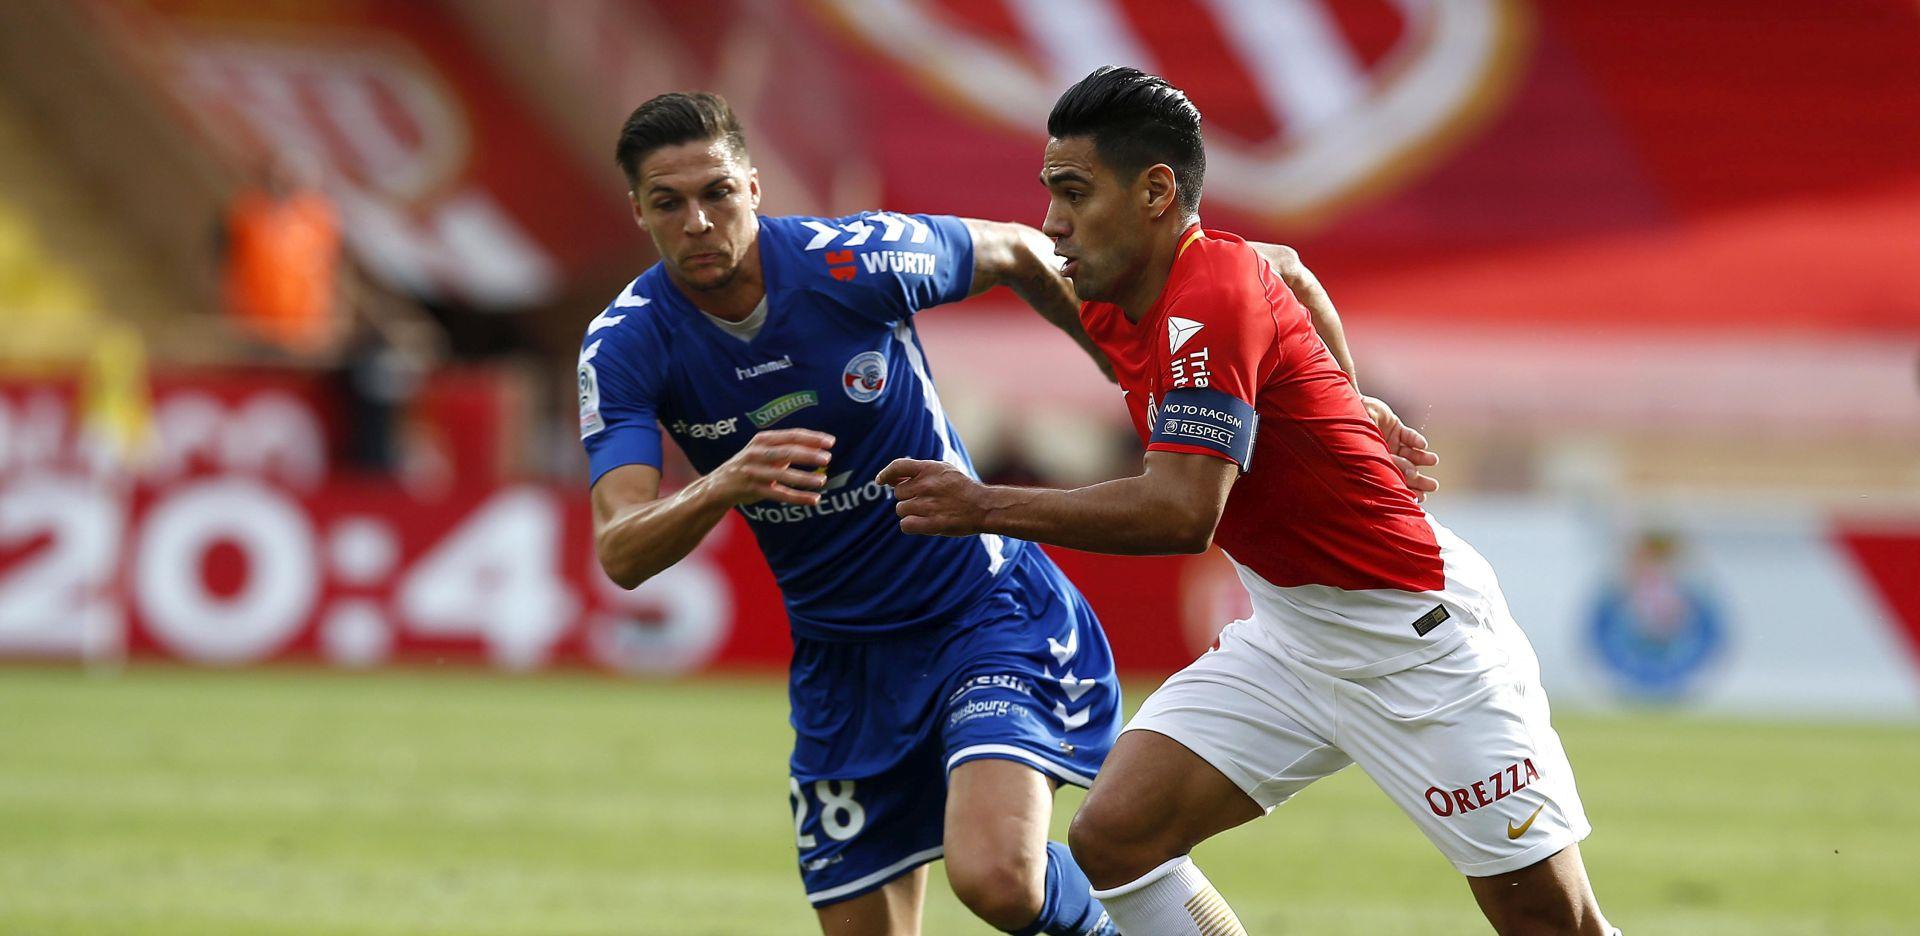 VIDEO: LIGUE 1 Falcao u sedam utakmica postigao već 11 golova